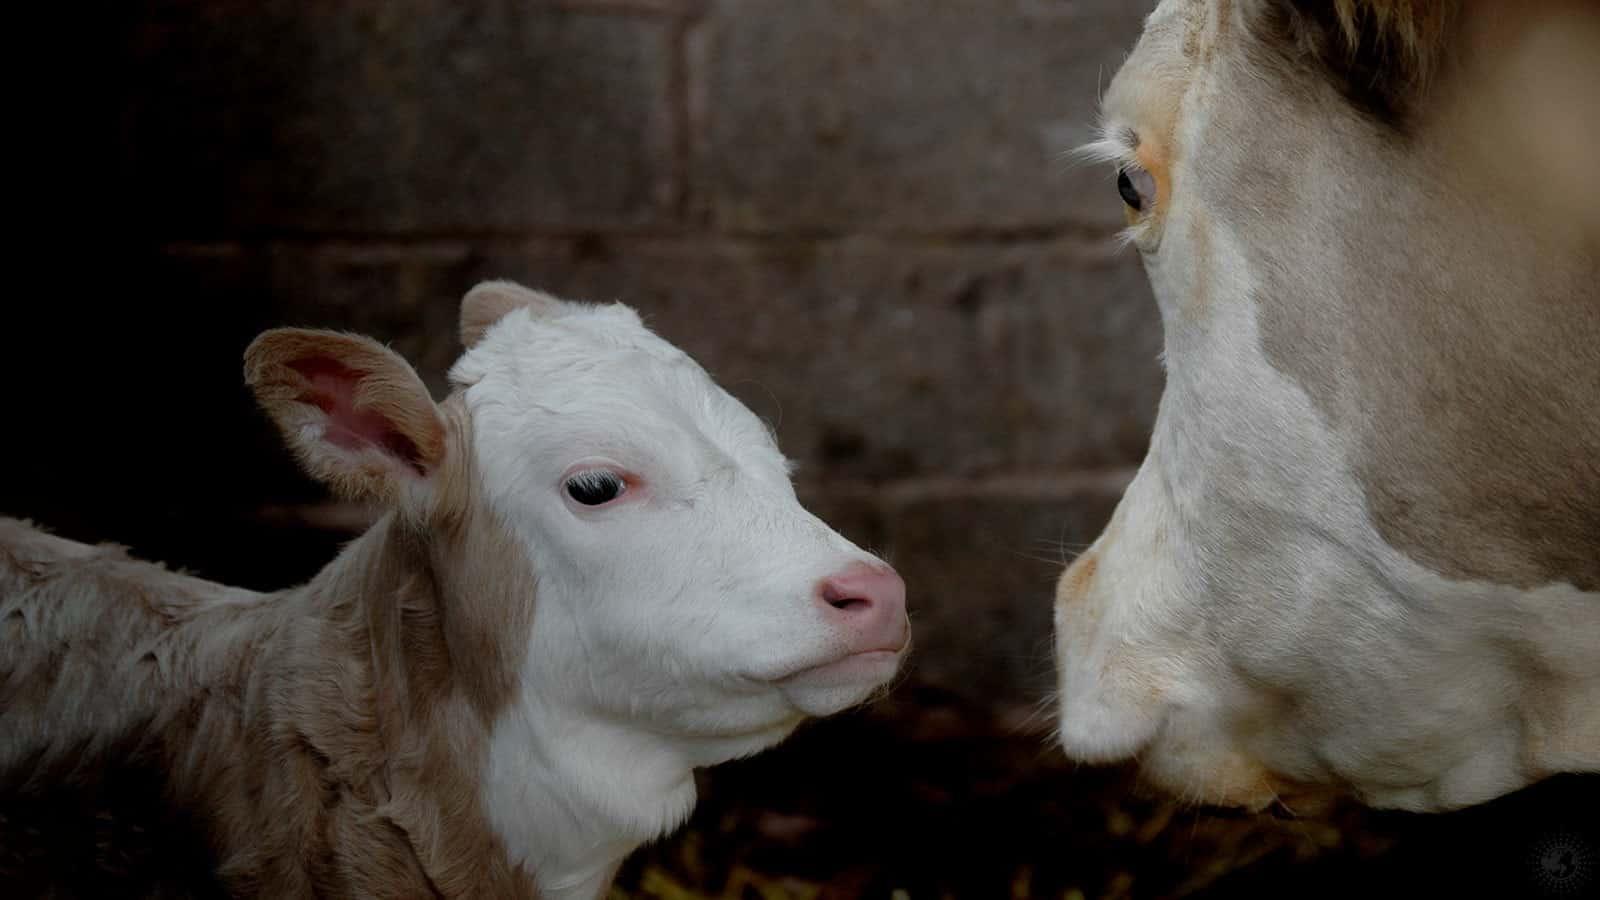 cows talk